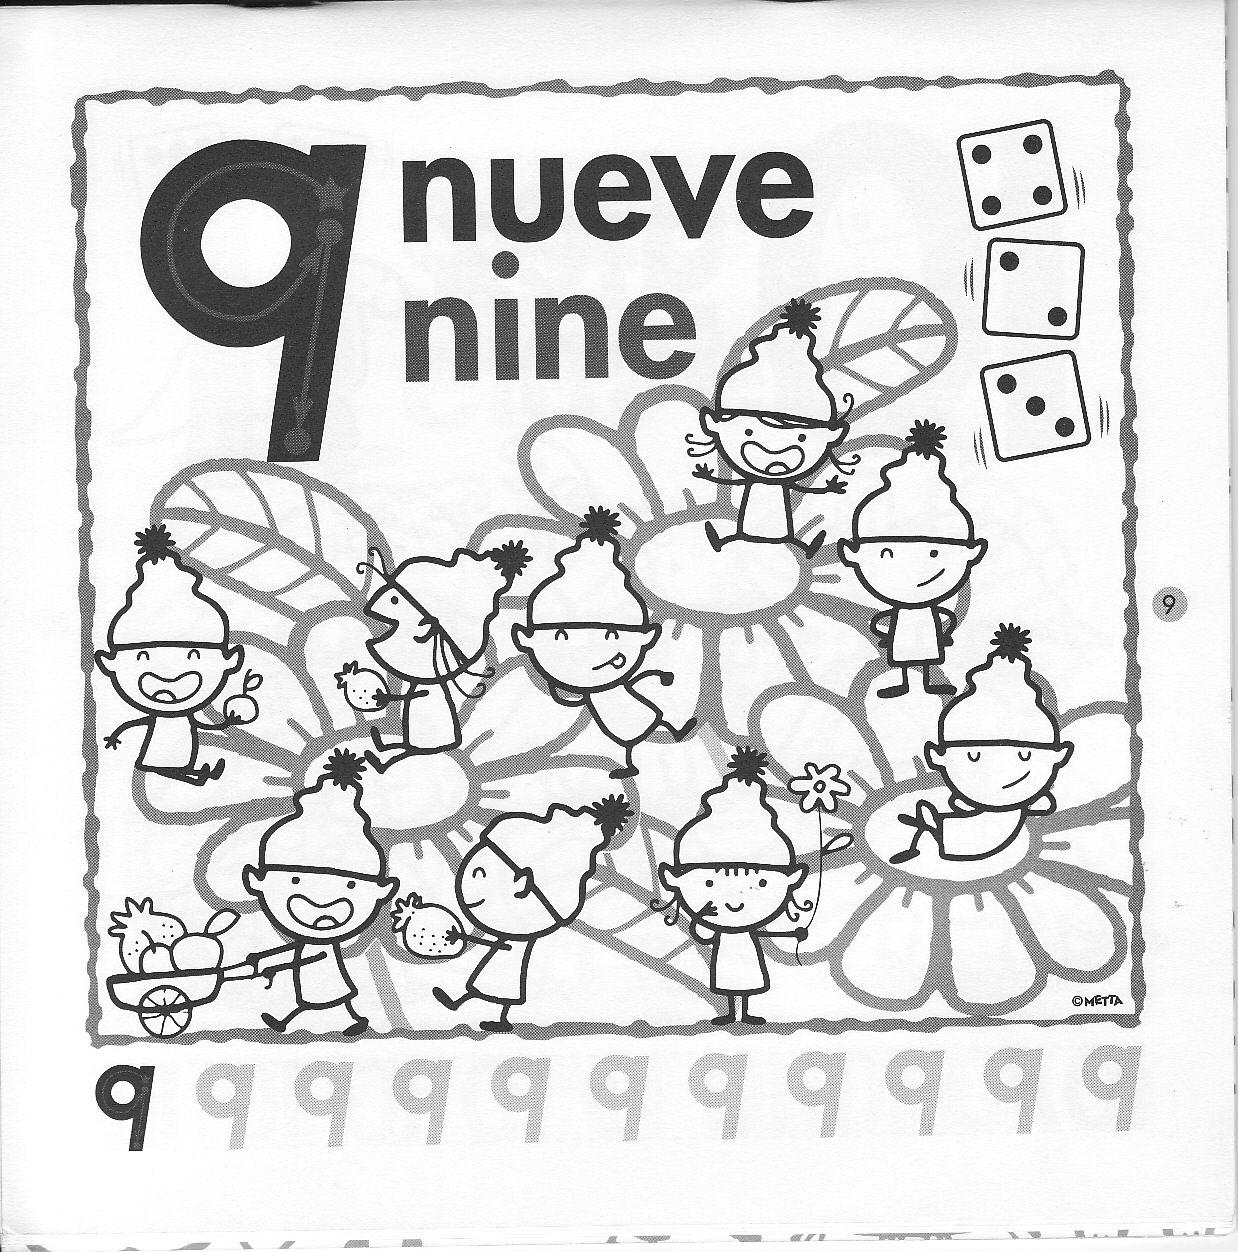 Fichas De Inglés Para Niños Fichas De Números En Inglés Numeros En Ingles Fichas Ingles Para Preescolar